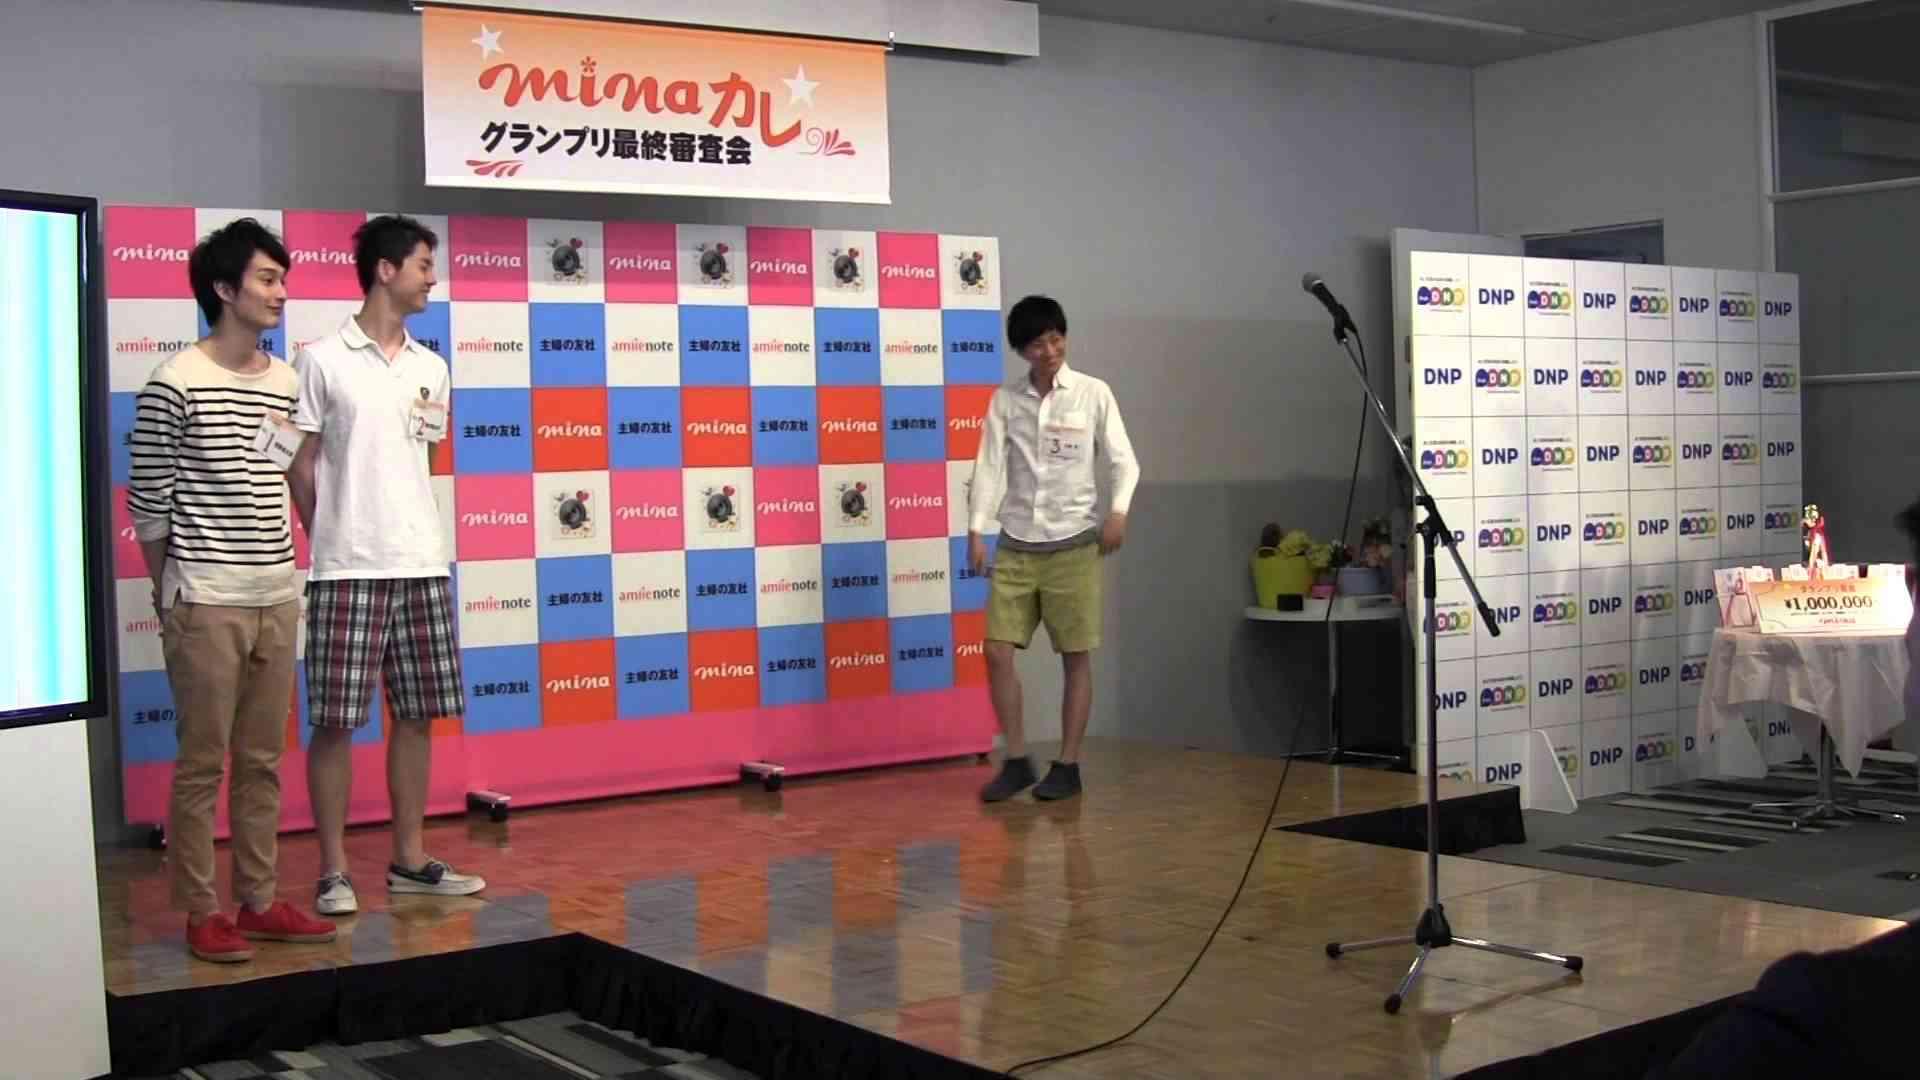 女性誌『mina』初のメンズモデル「minaカレ」グランプリ最終審査会のご報告 - YouTube